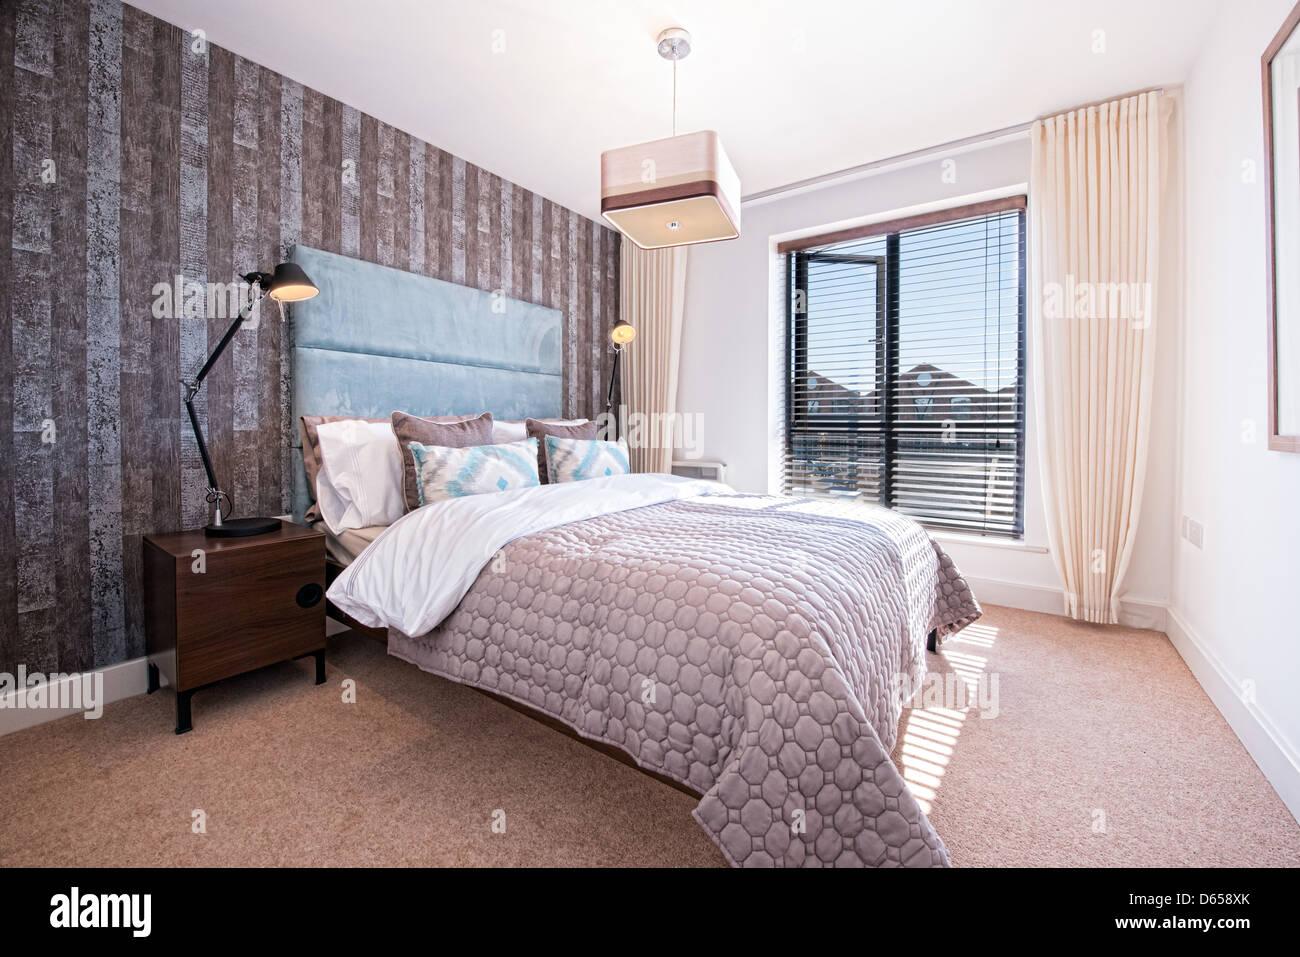 Una prolija y moderna habitación doble Imagen De Stock